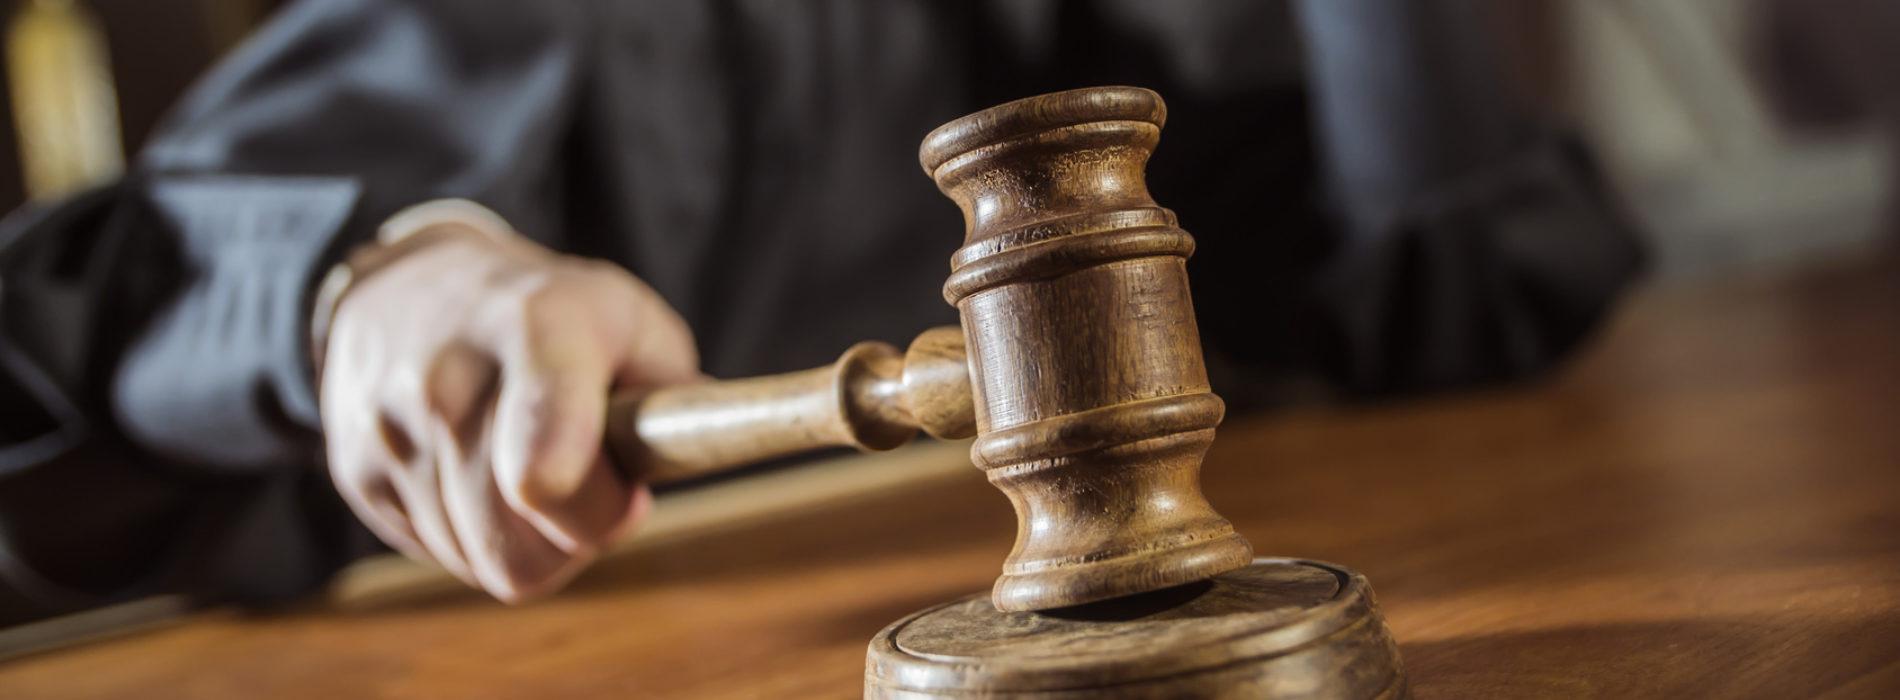 Jak zachować się w sądzie? Poznaj sądowy savoir-vivre